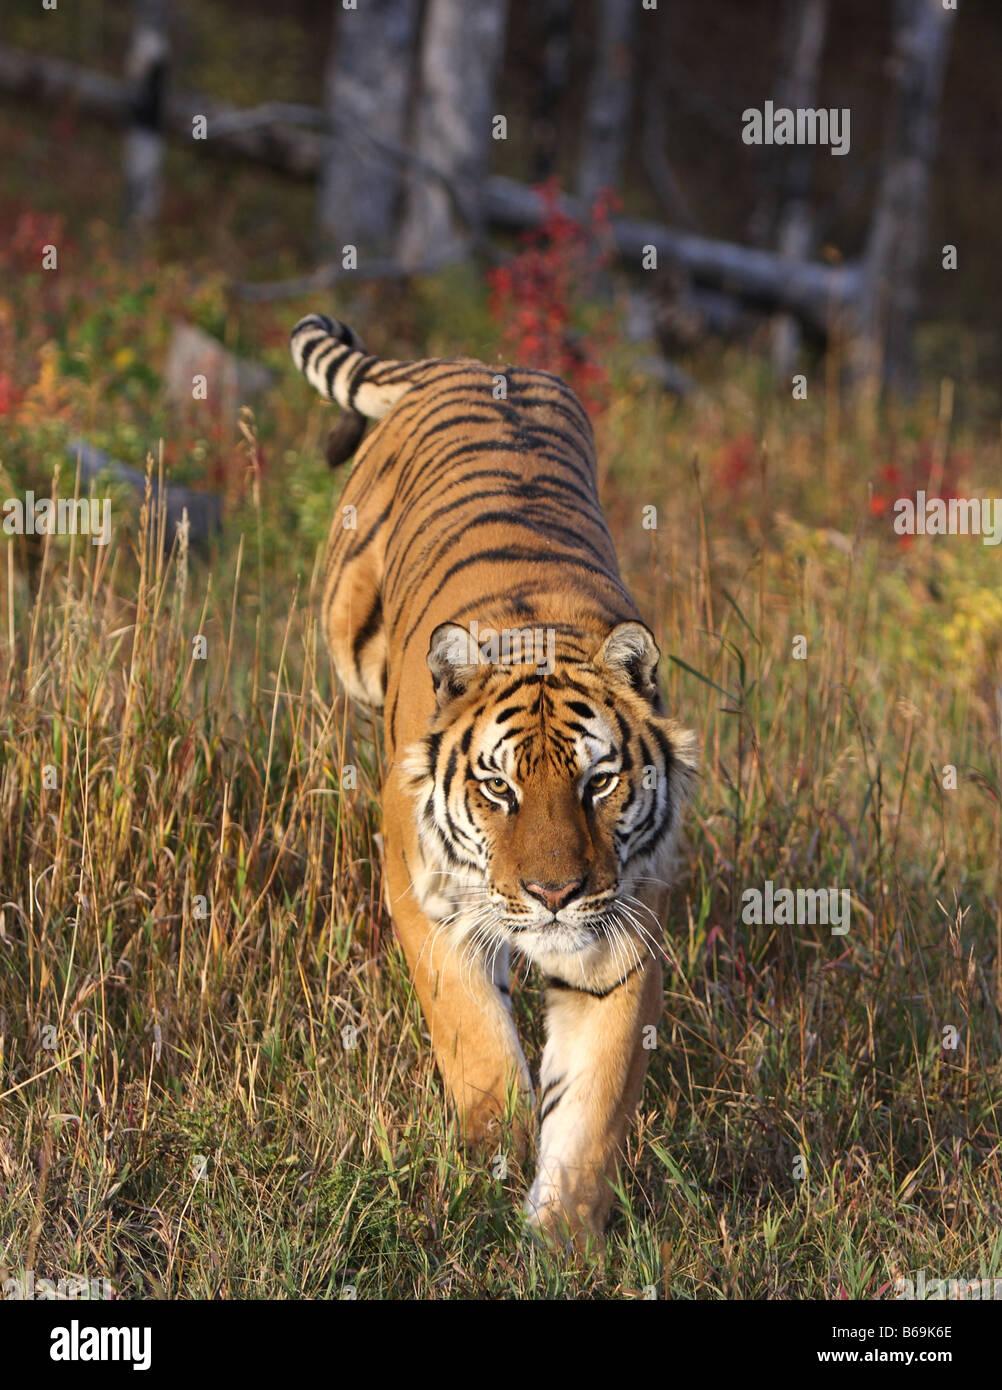 Tigre siberiano Imagen De Stock